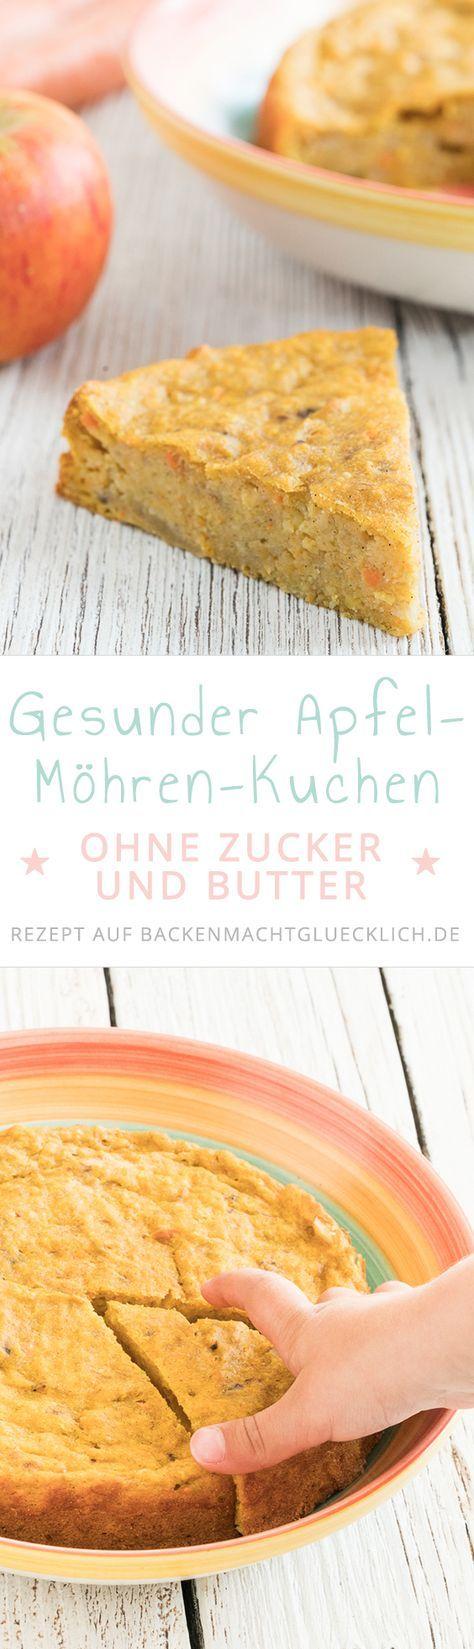 Apfel-Möhren-Kuchen ohne Zucker | Backen macht glücklich #tortegeburtstag